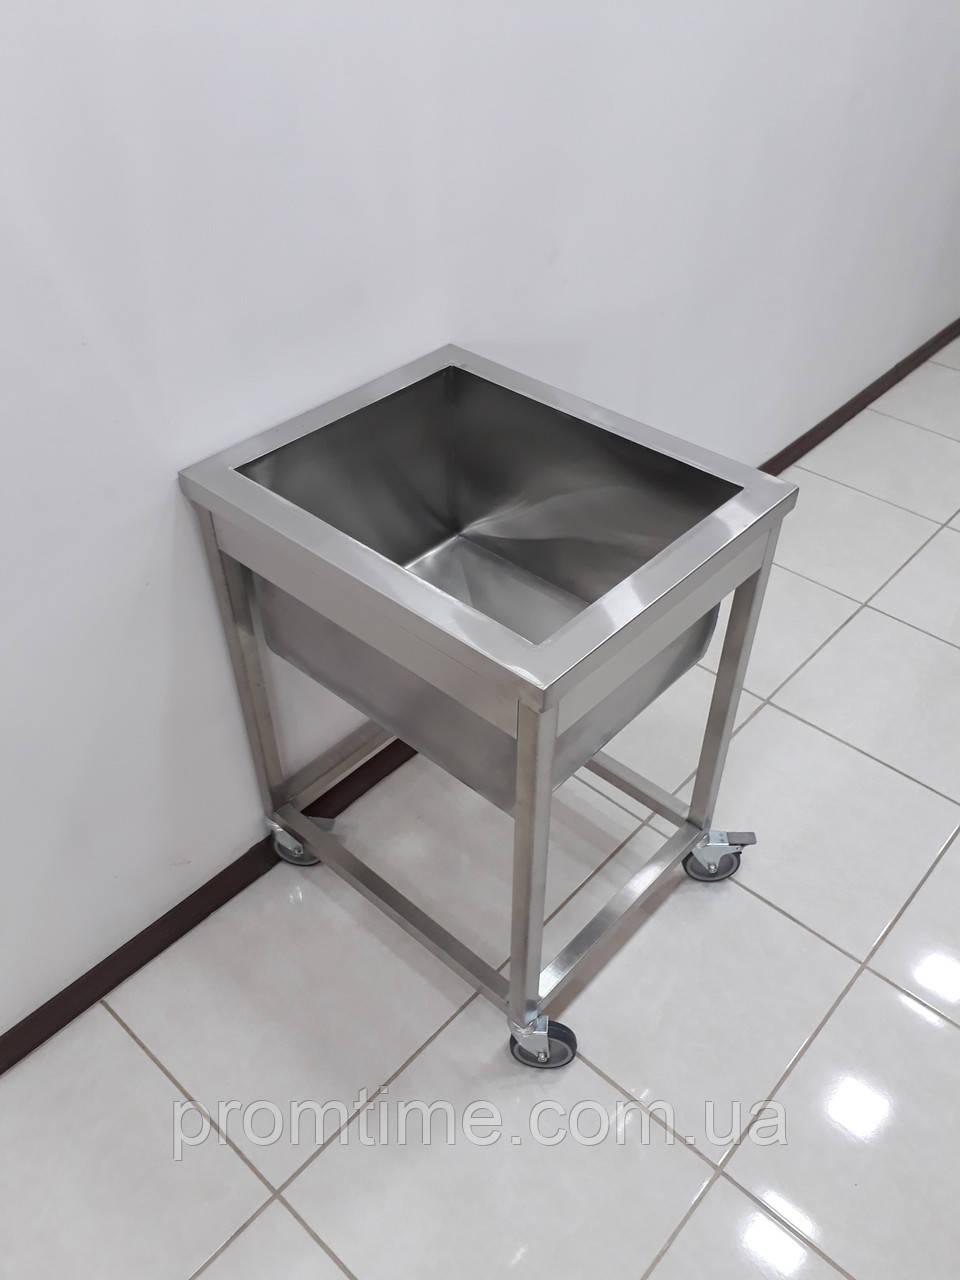 Ванна моечная для мойки овощей на колесах 500х600х850